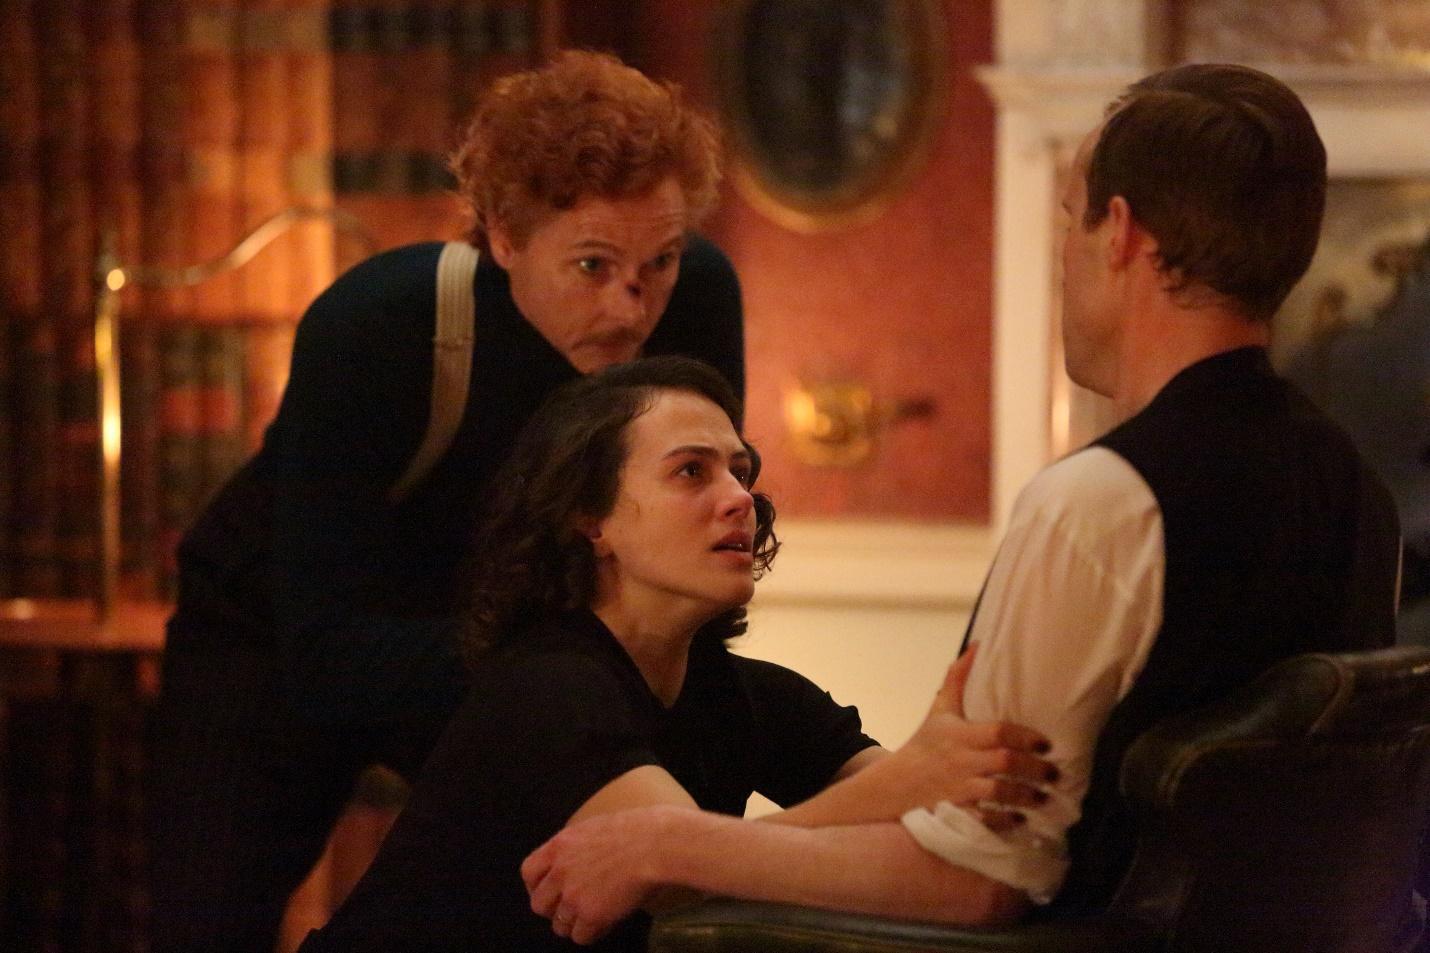 The Conjuring phiên bản Anh Quốc gây ám ảnh với câu chuyện ma nữ thời chiến - Ảnh 6.